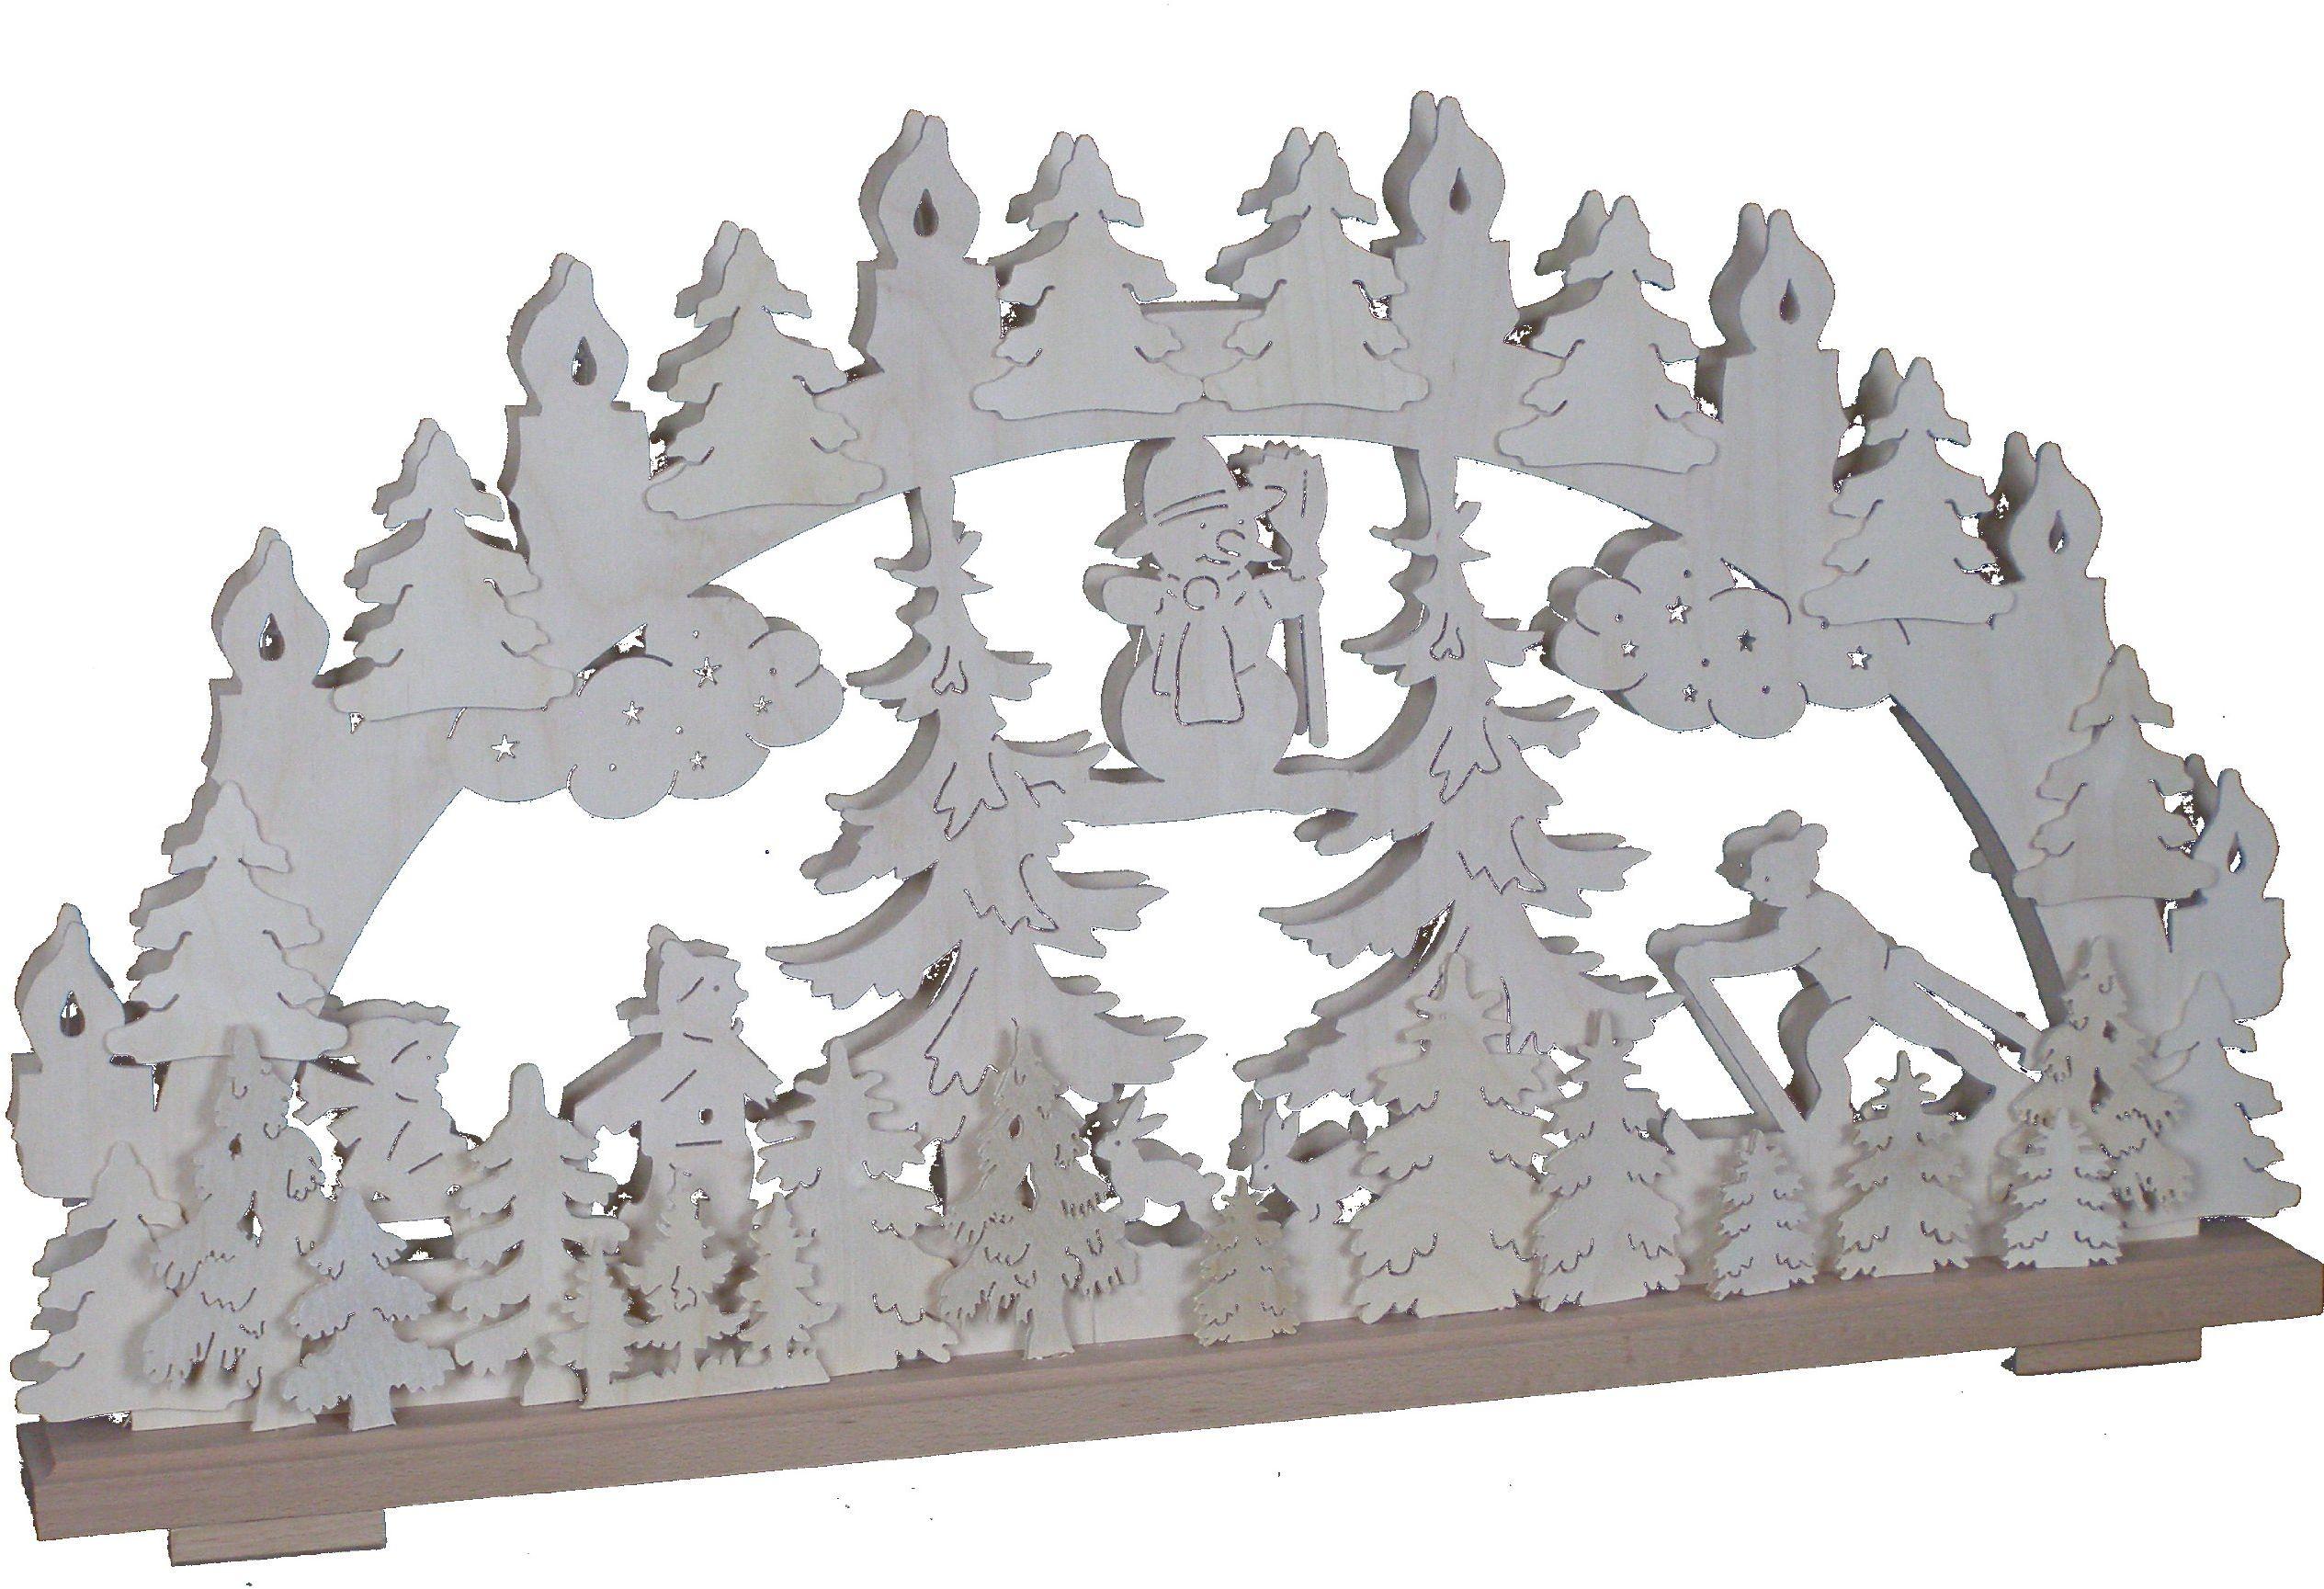 SchwibboLa 3-108 Rudawy podwójnie podświetlany świecznik łukowy z certyfikatem 3-108, 70 x 42 cm